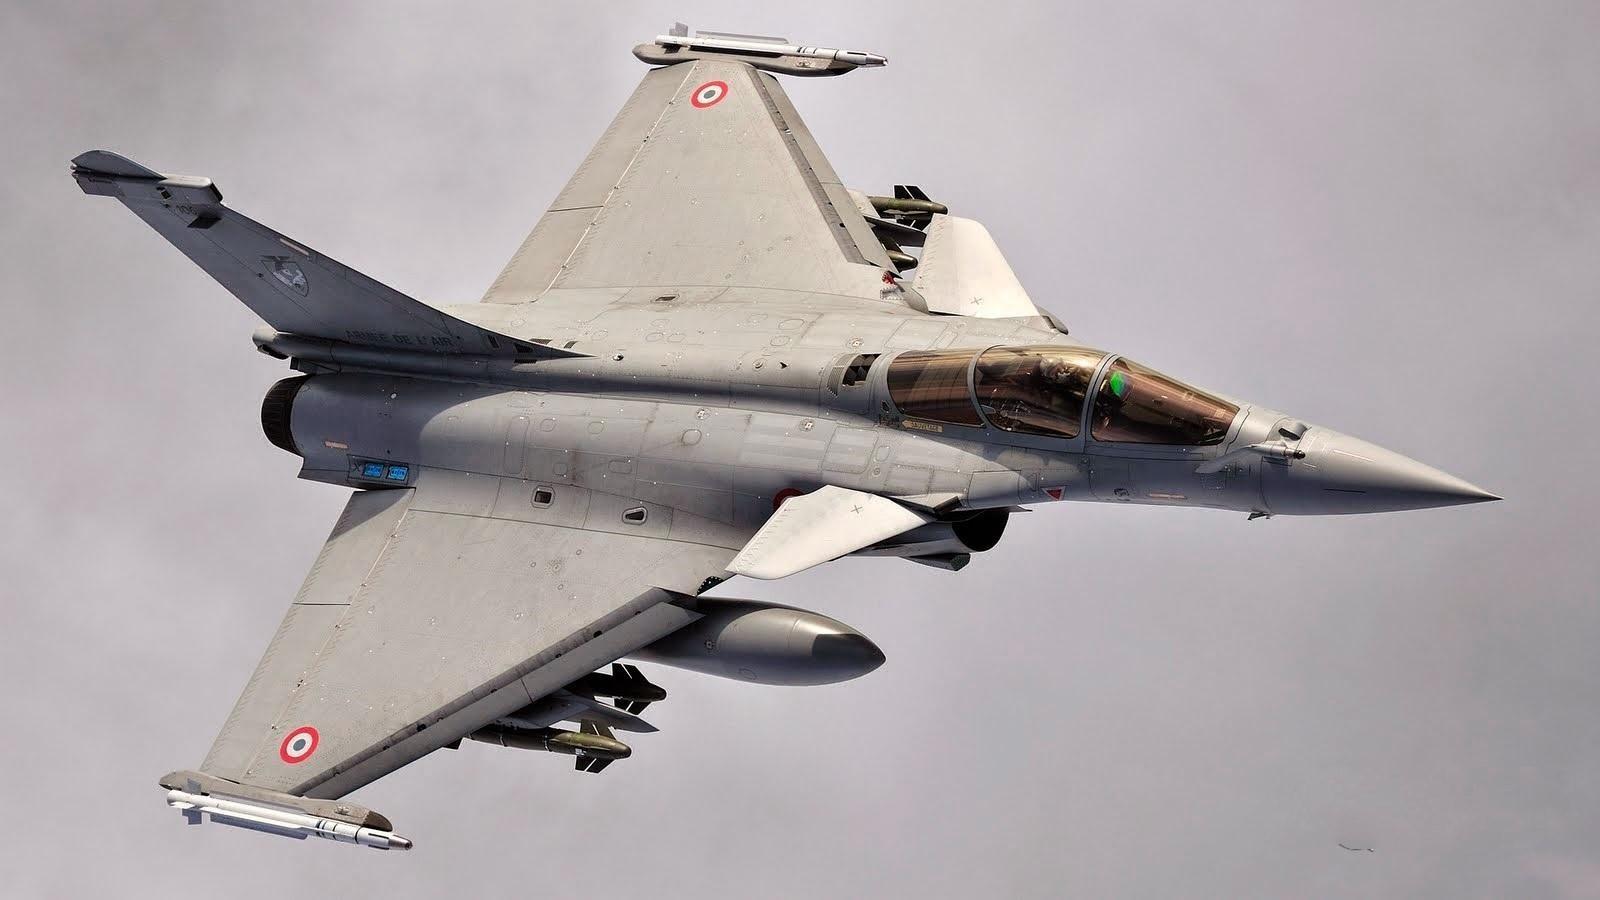 阵风战机再到货,印度媒体口出狂言:全面碾压中国歼20